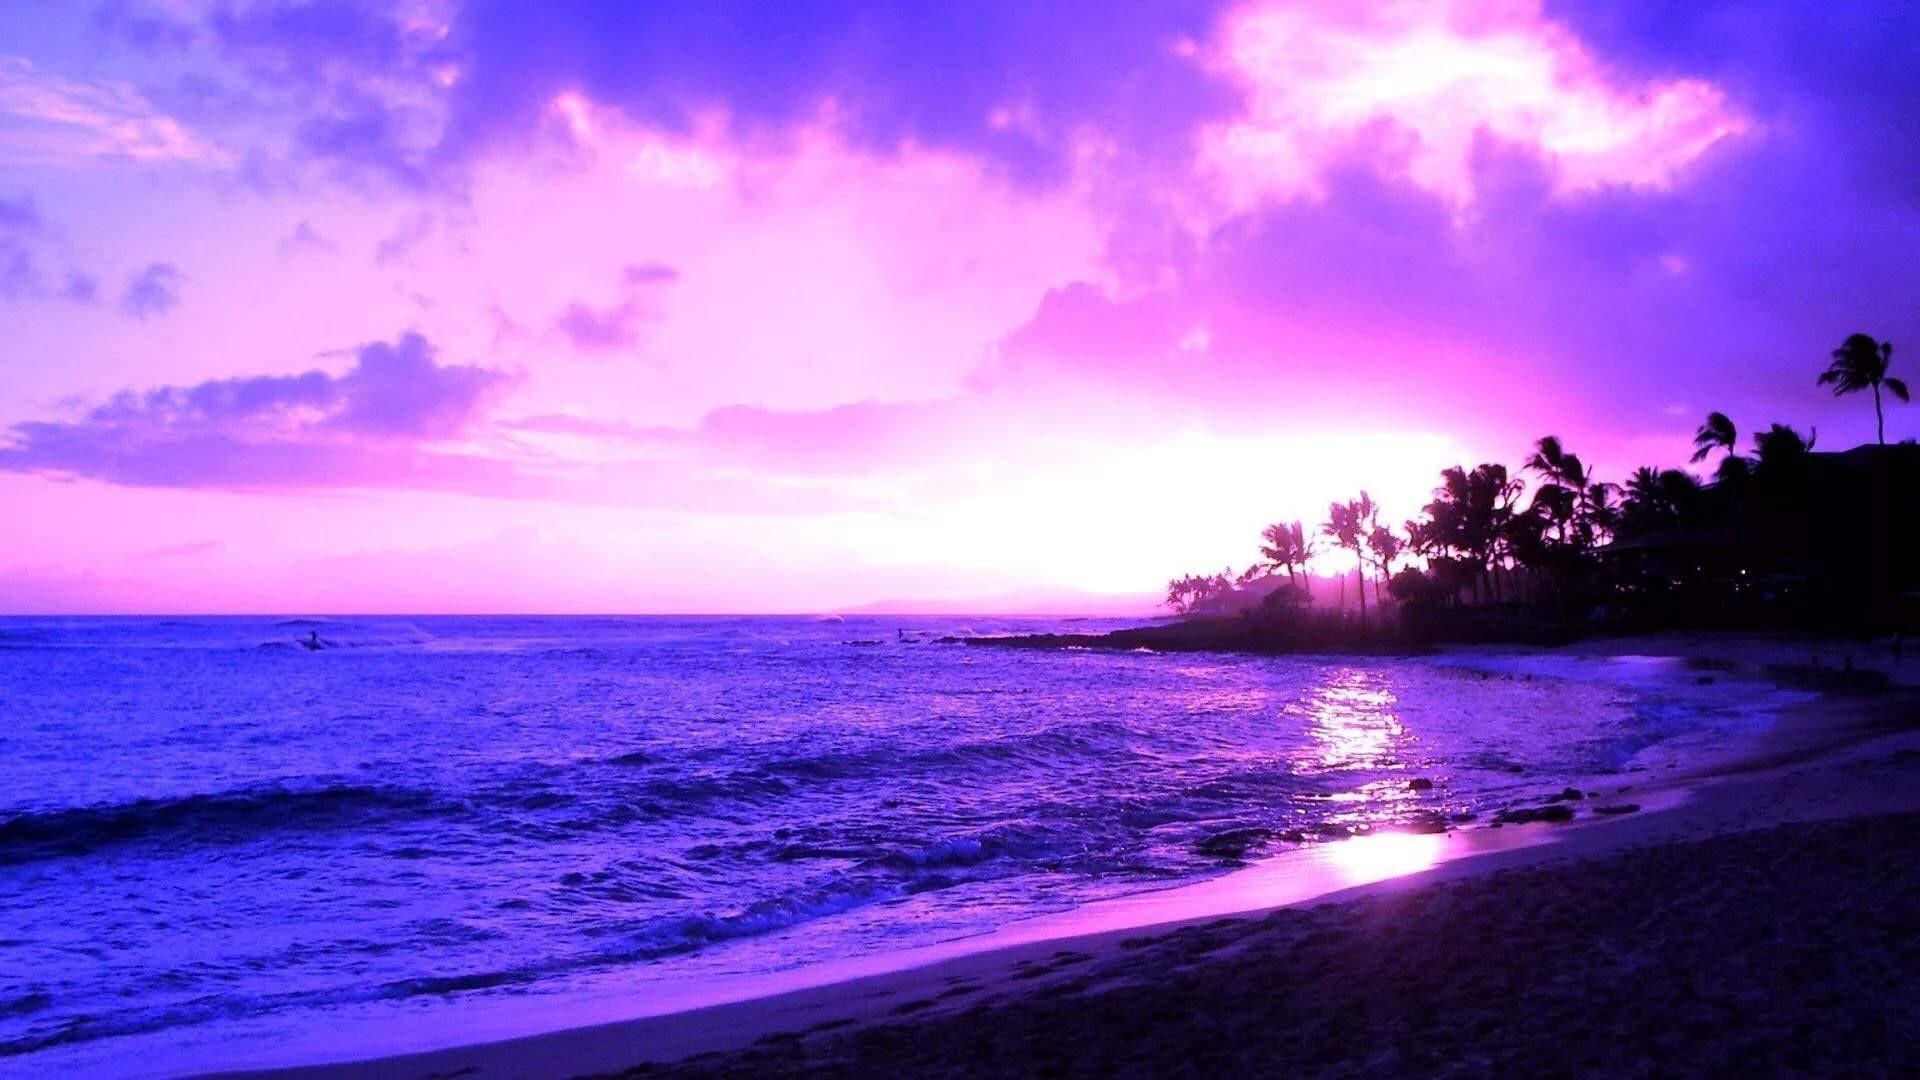 Purple Sunset wallpaper image hd